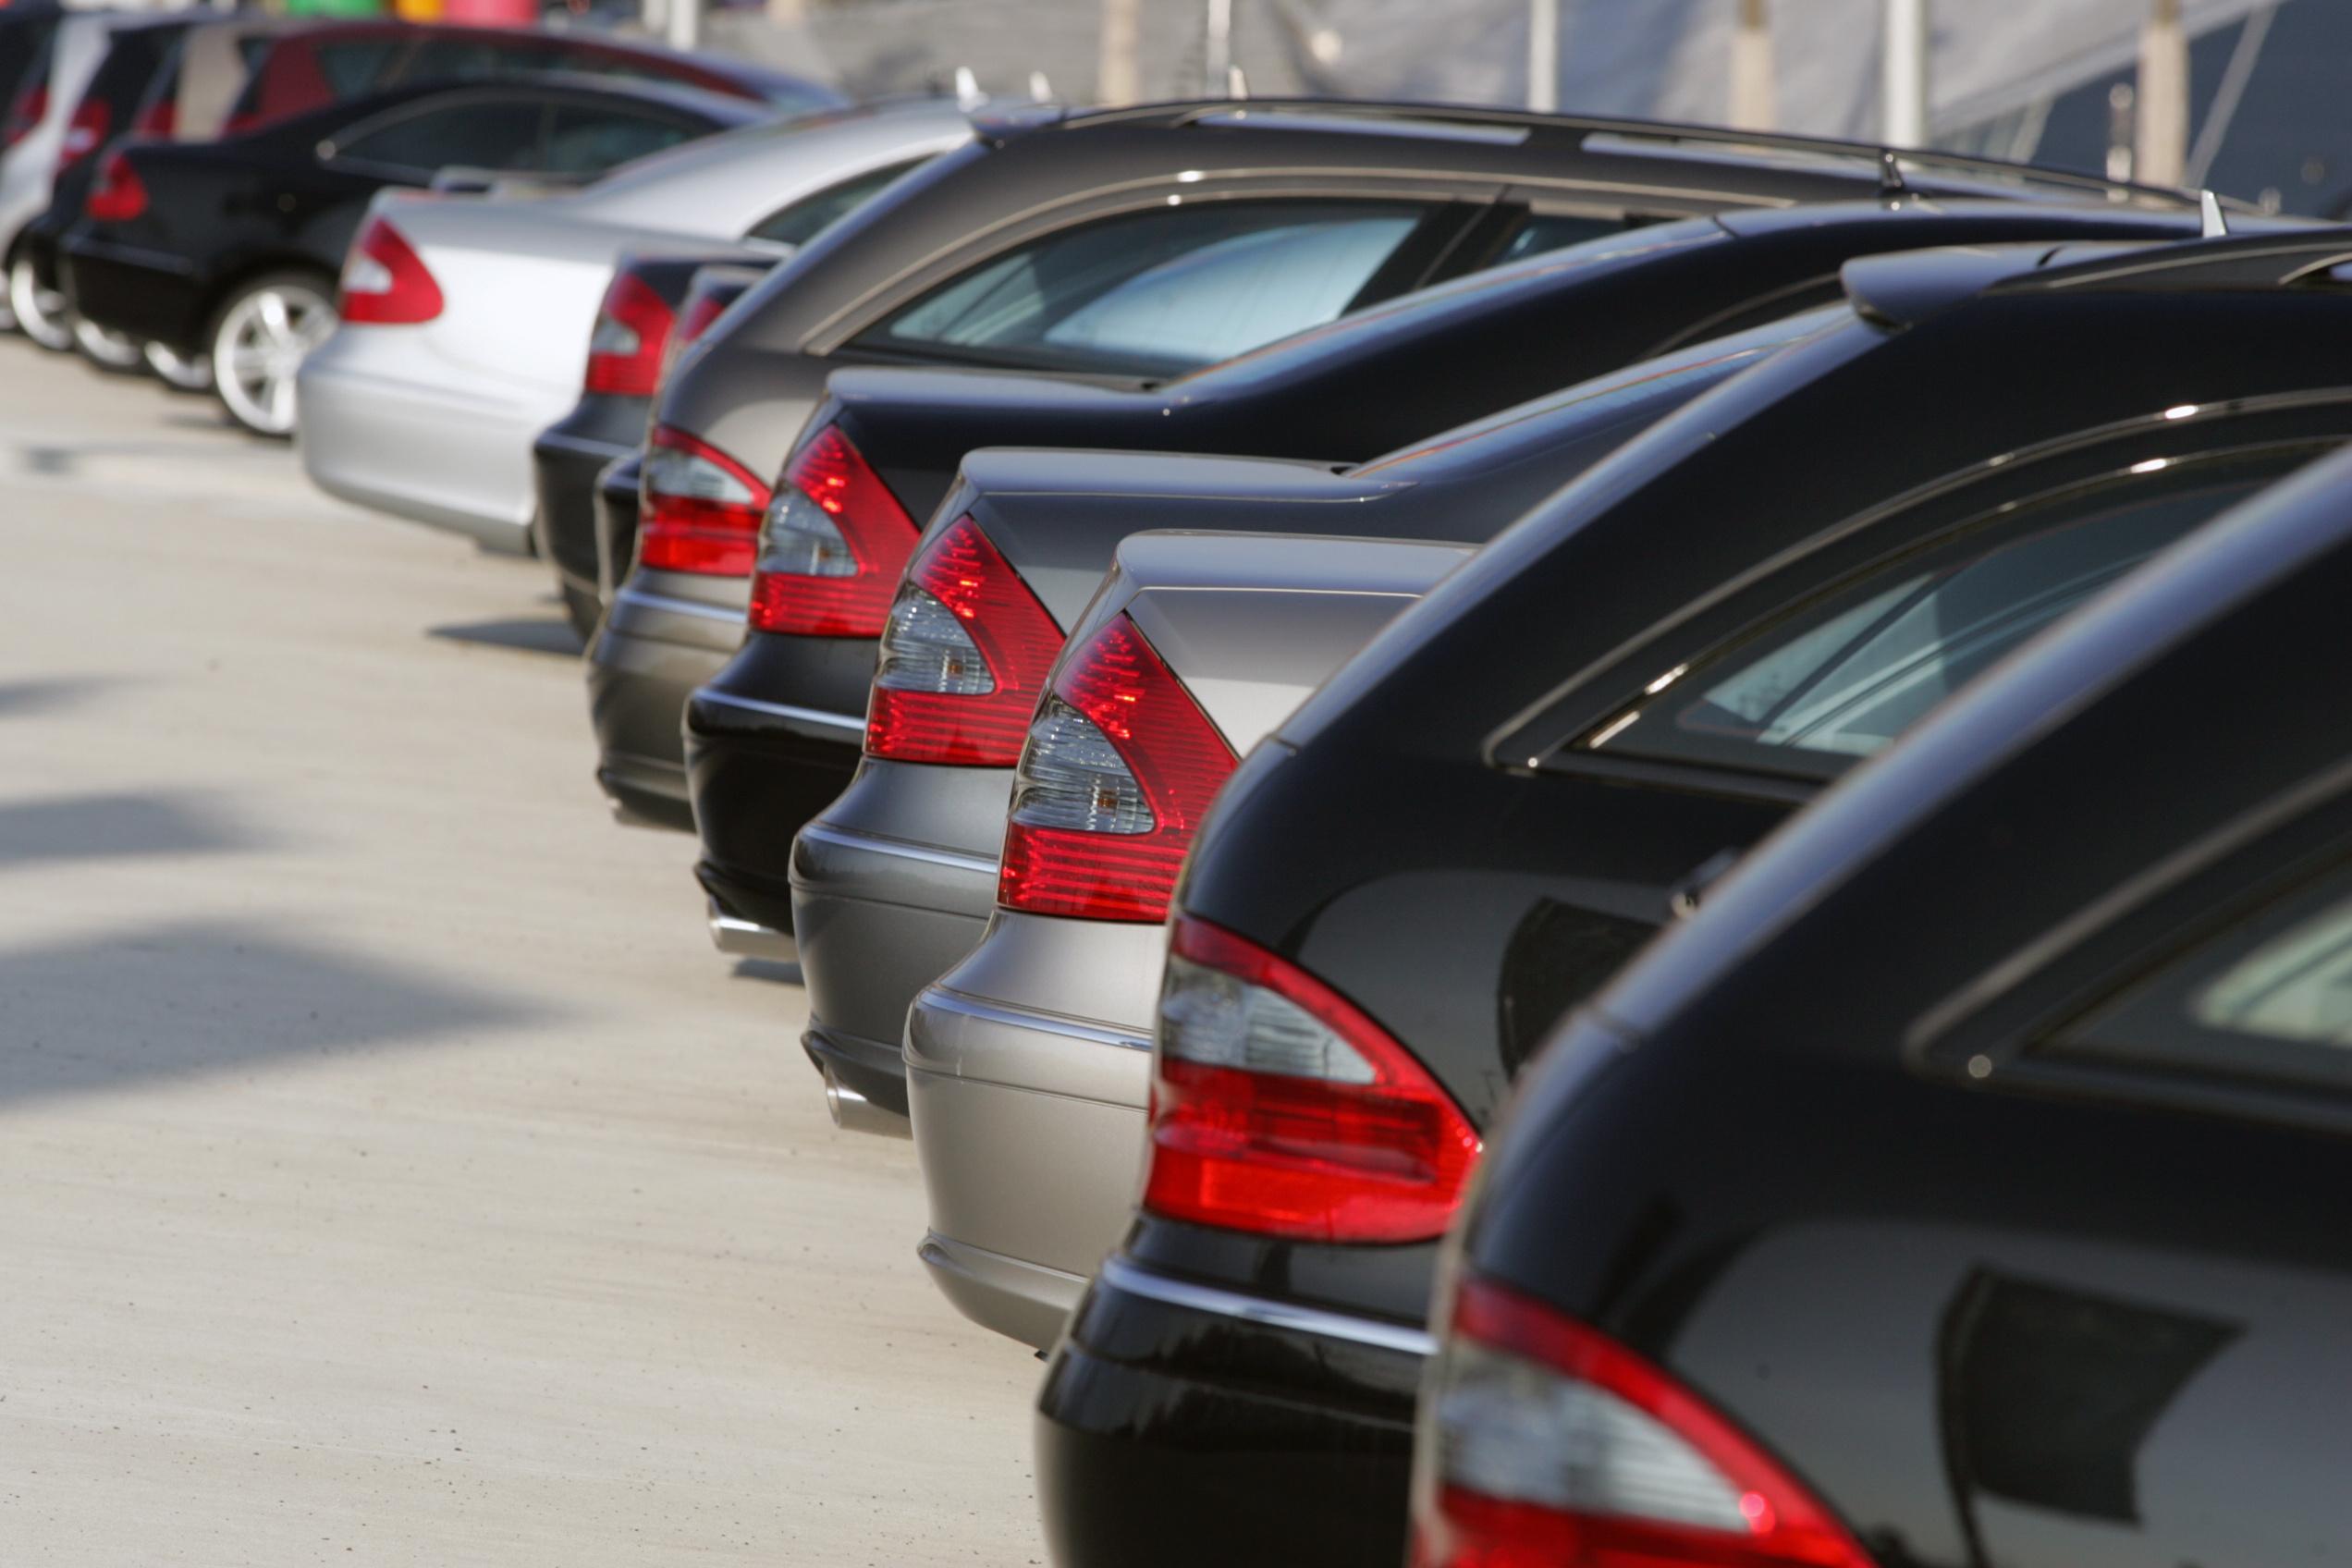 Autovermieter verklagen private Autoteiler – Zoff in der Carsharing-Branche